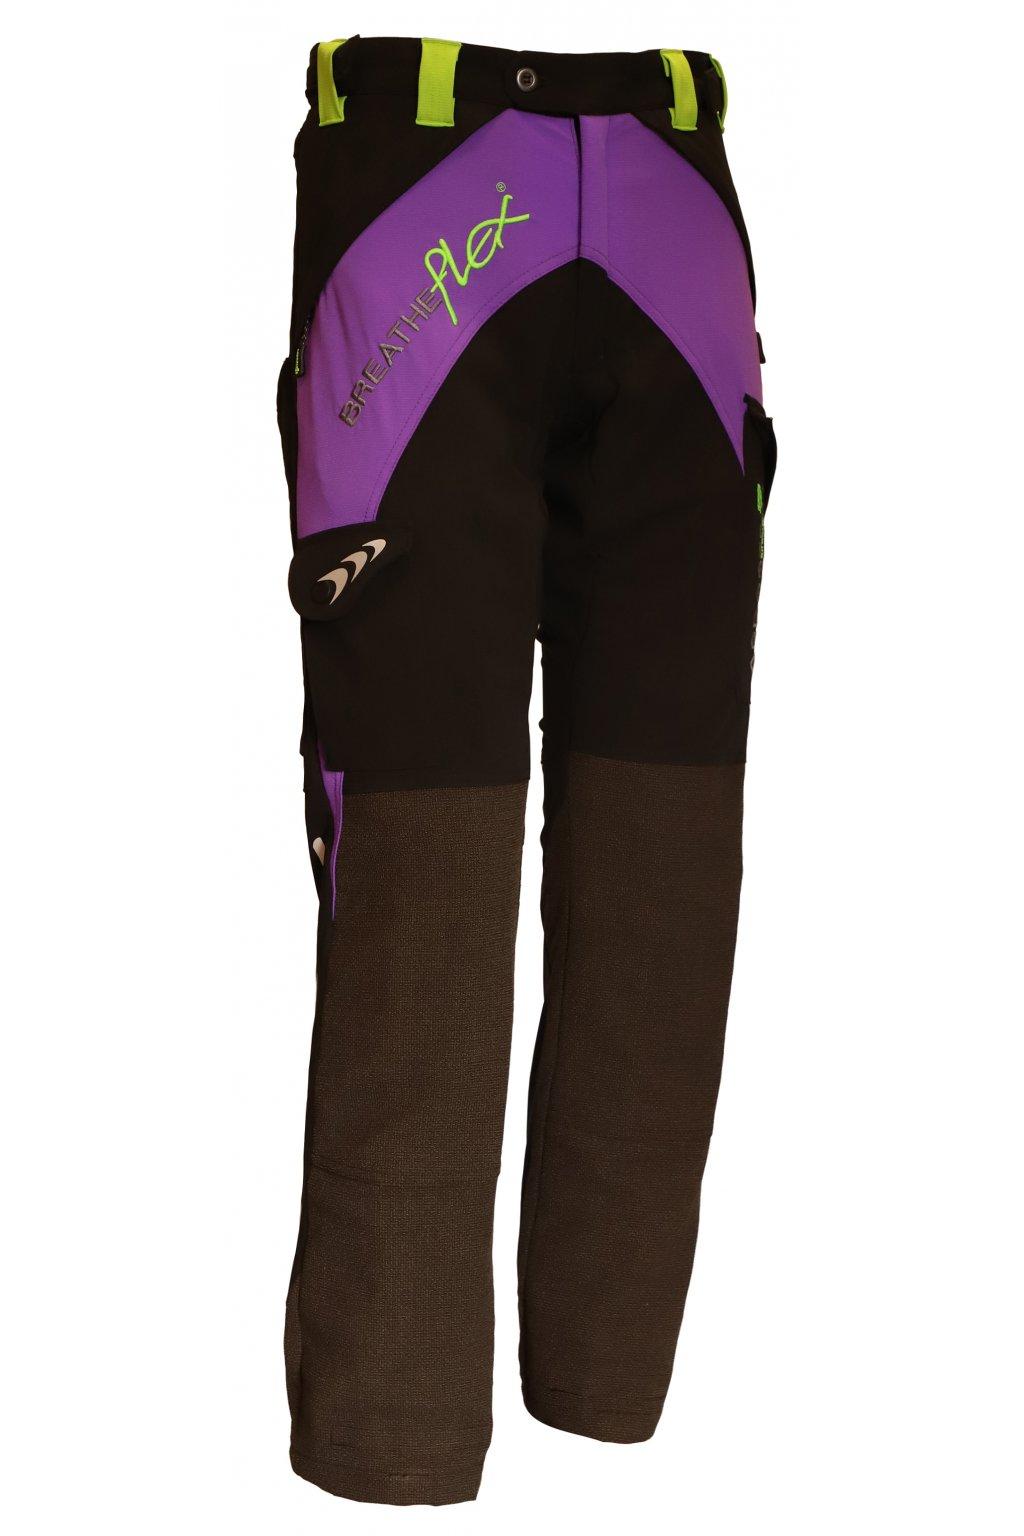 Protipořezové dámské kalhoty Breatheflex fialové Class1/TypeC Reg